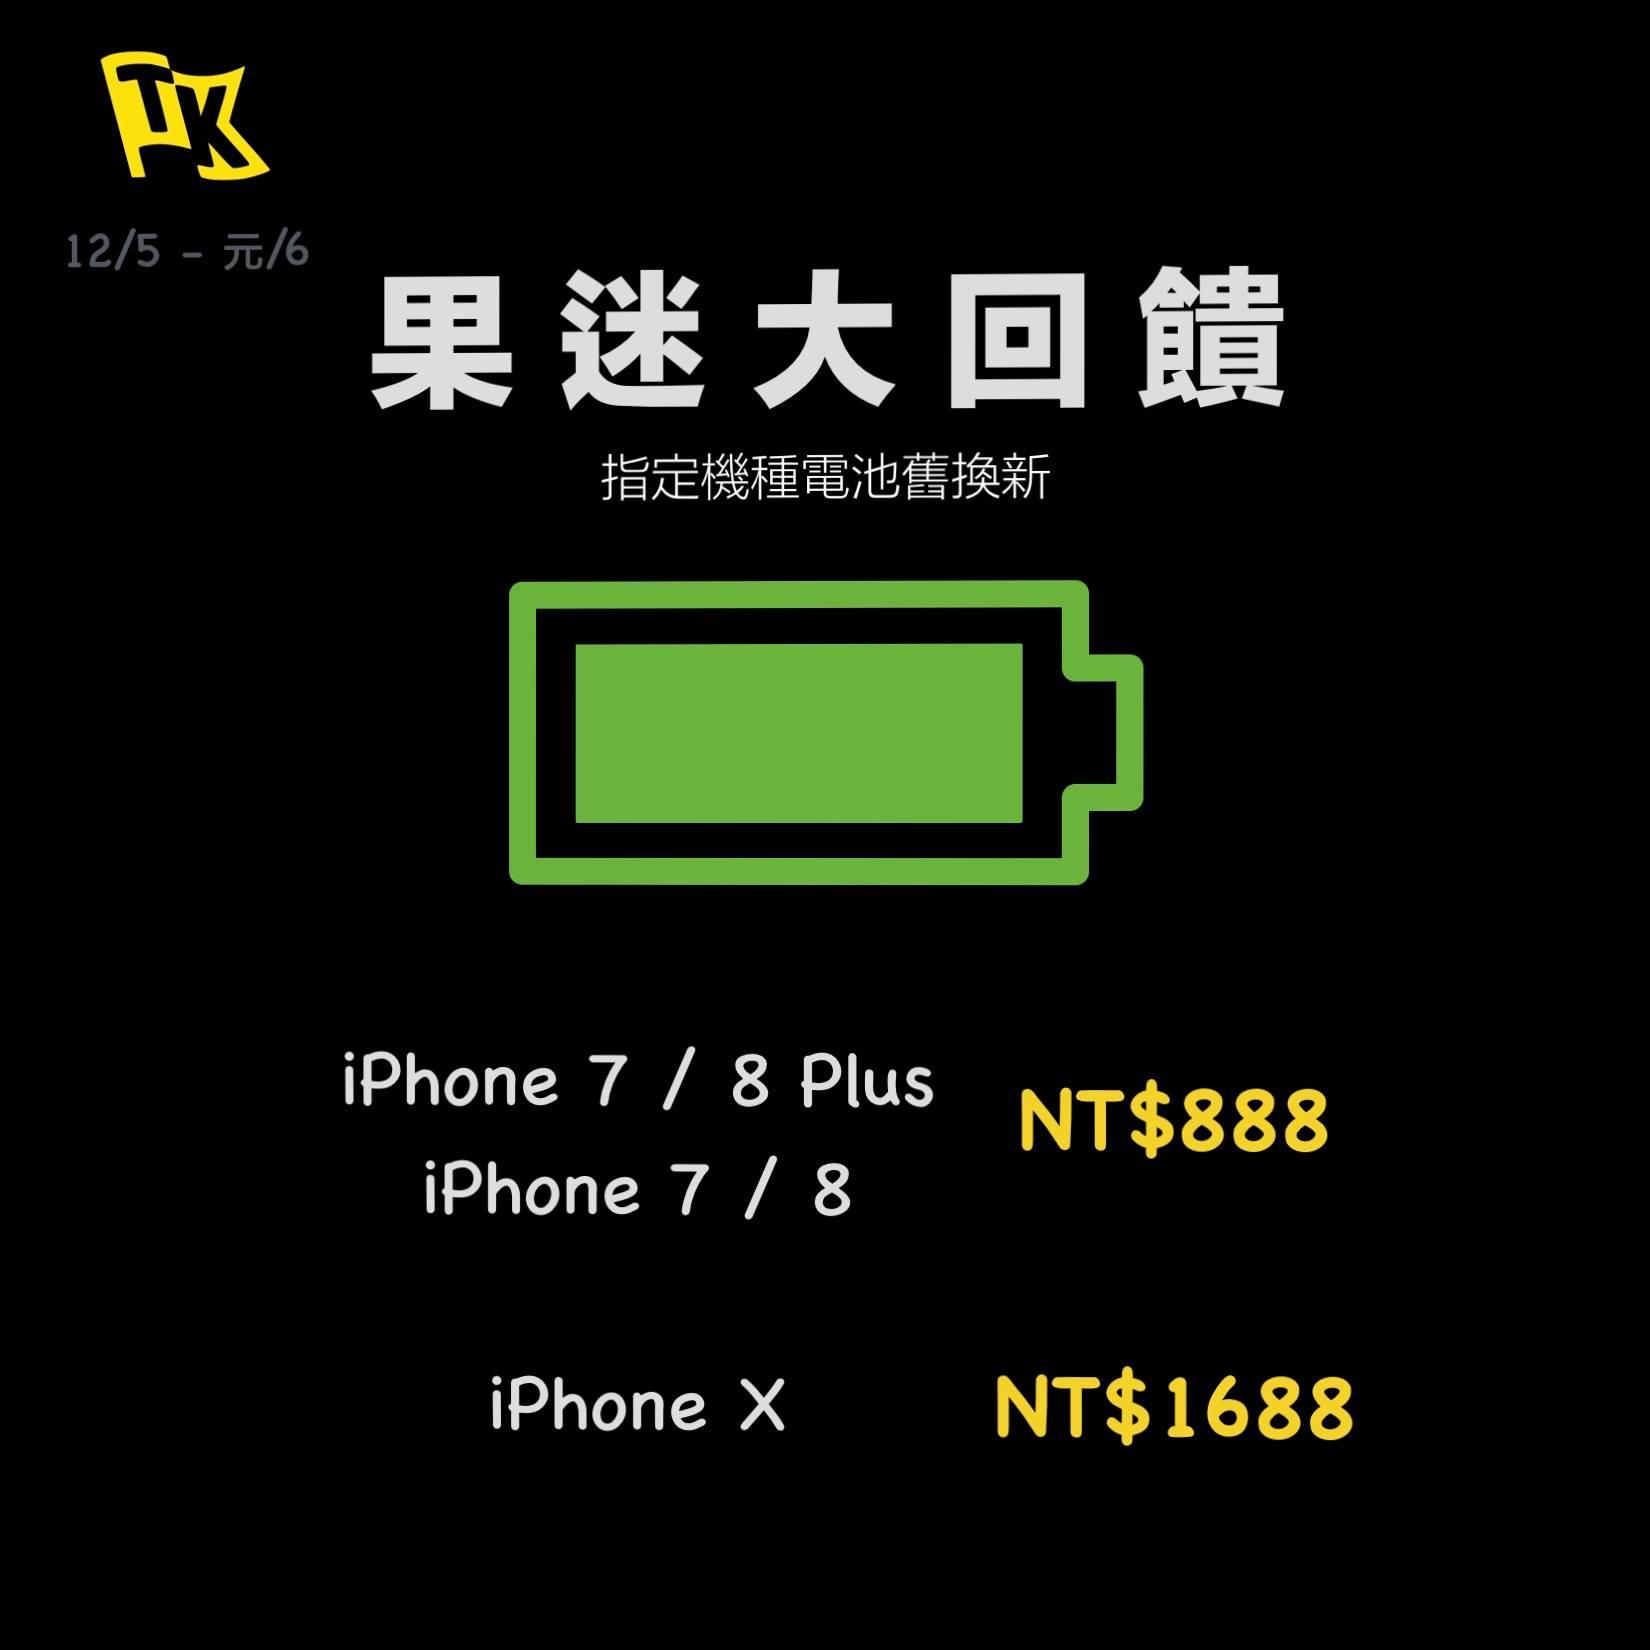 燦坤iPhone電池舊換新優惠888元到年初!全省AppleShop門市皆可換電池